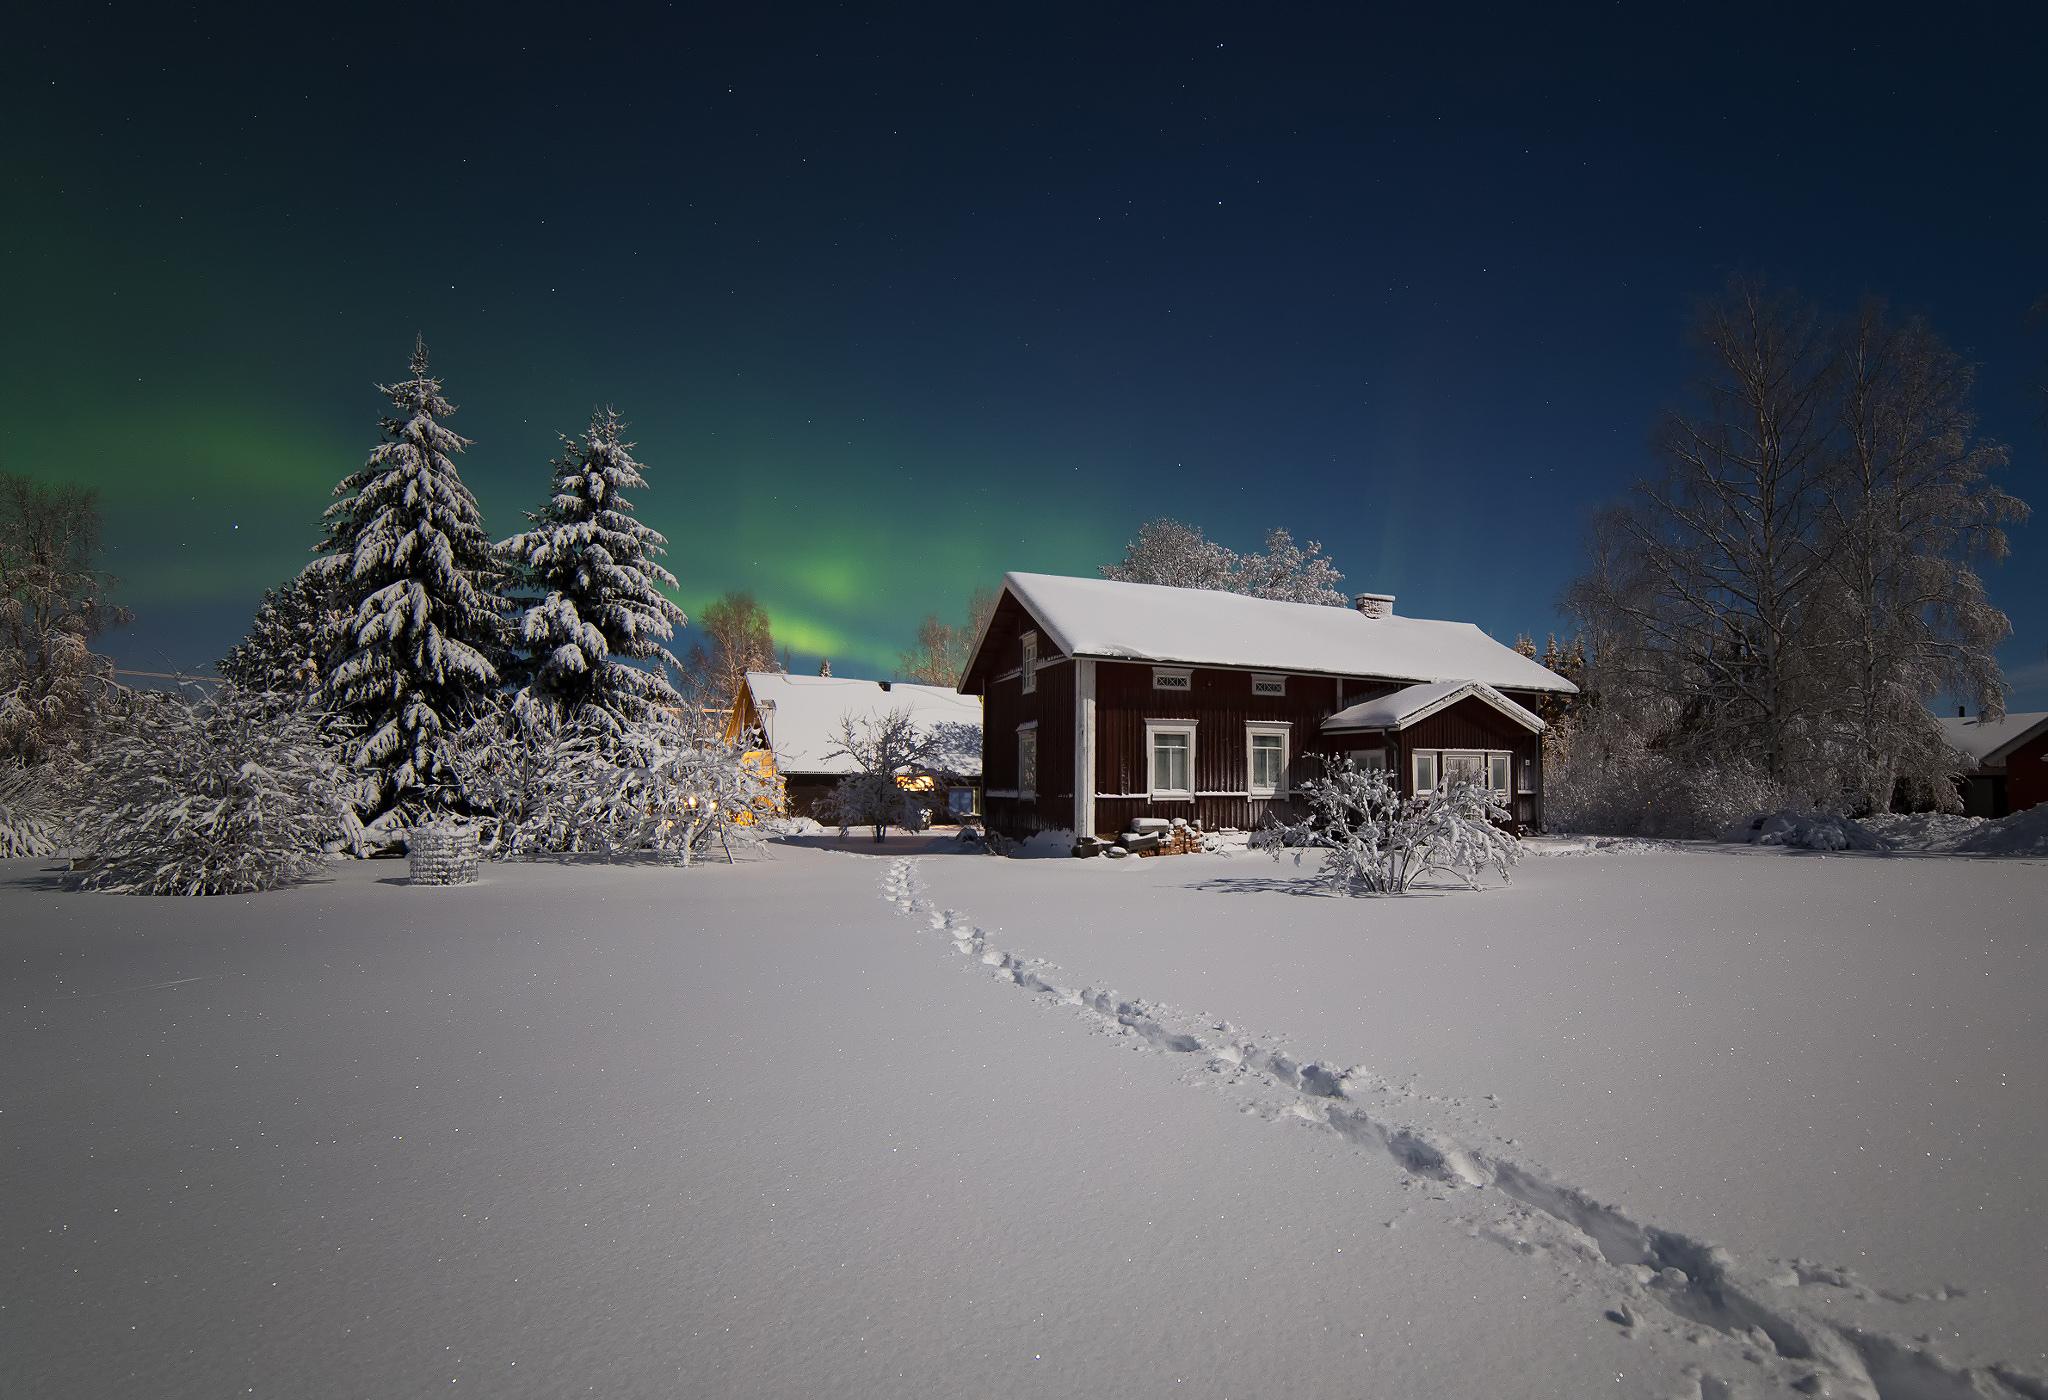 156618 Hintergrundbild herunterladen Bäume, Winterreifen, Natur, Schnee, Haus, Nordlichter, Aurora Borealis - Bildschirmschoner und Bilder kostenlos